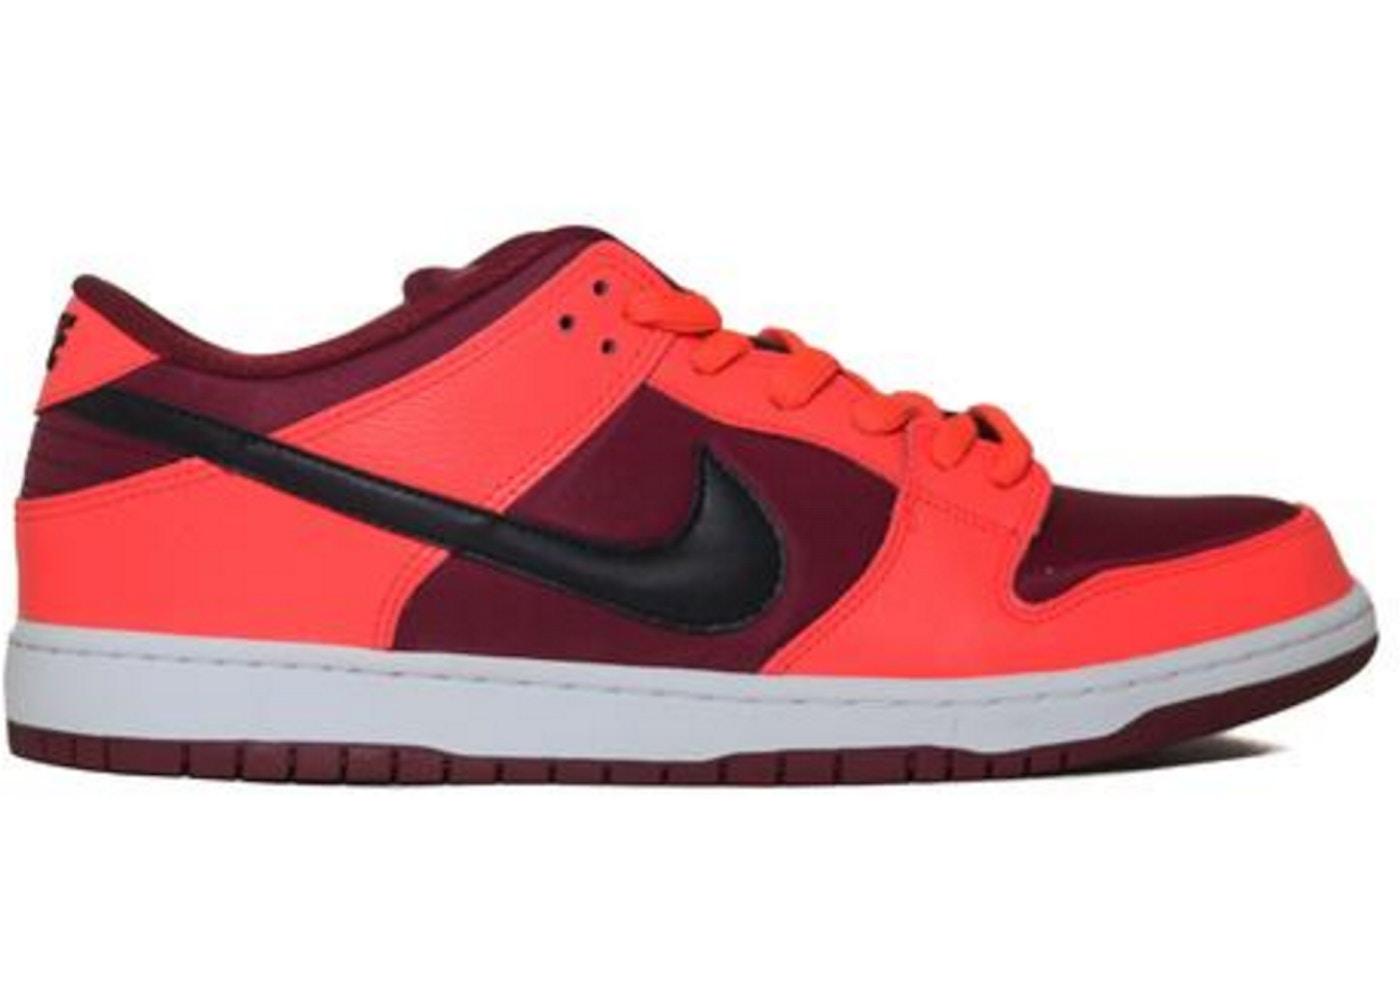 6711cd401418 Nike Dunk SB Low Laser Crimson - 304292-606